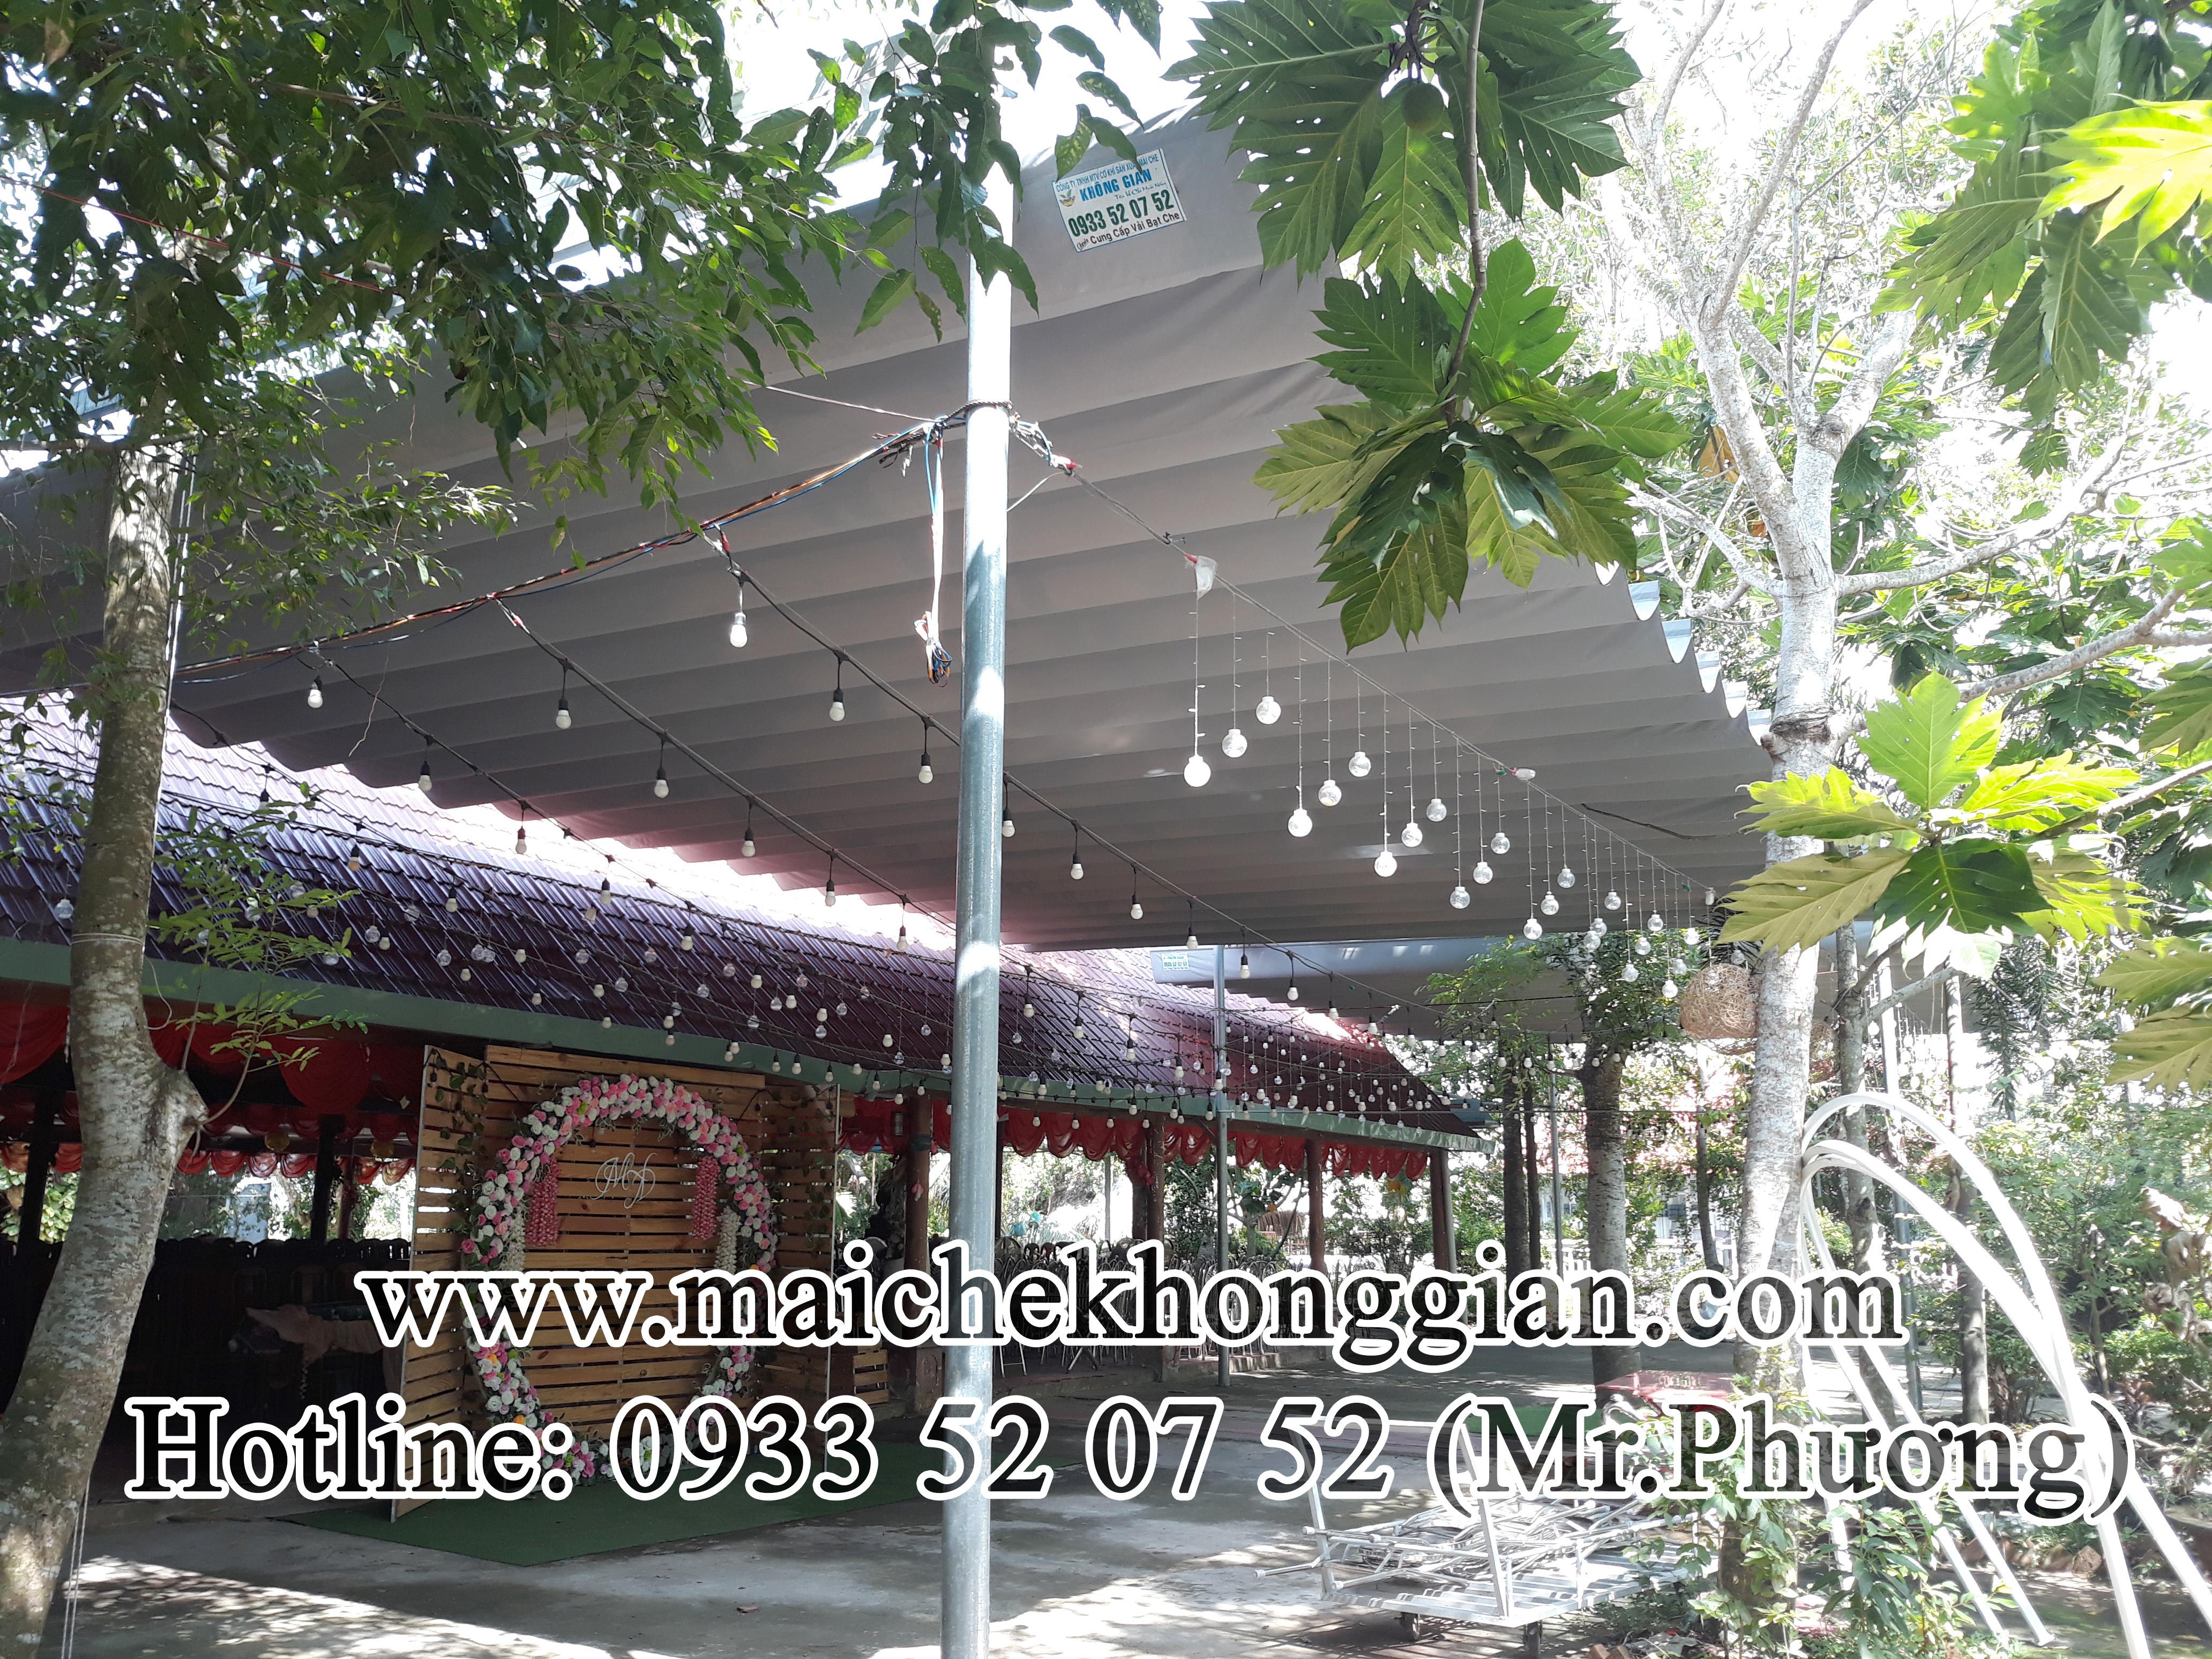 Thay bạt mái Nhà Bè Tp Hồ Chí Minh